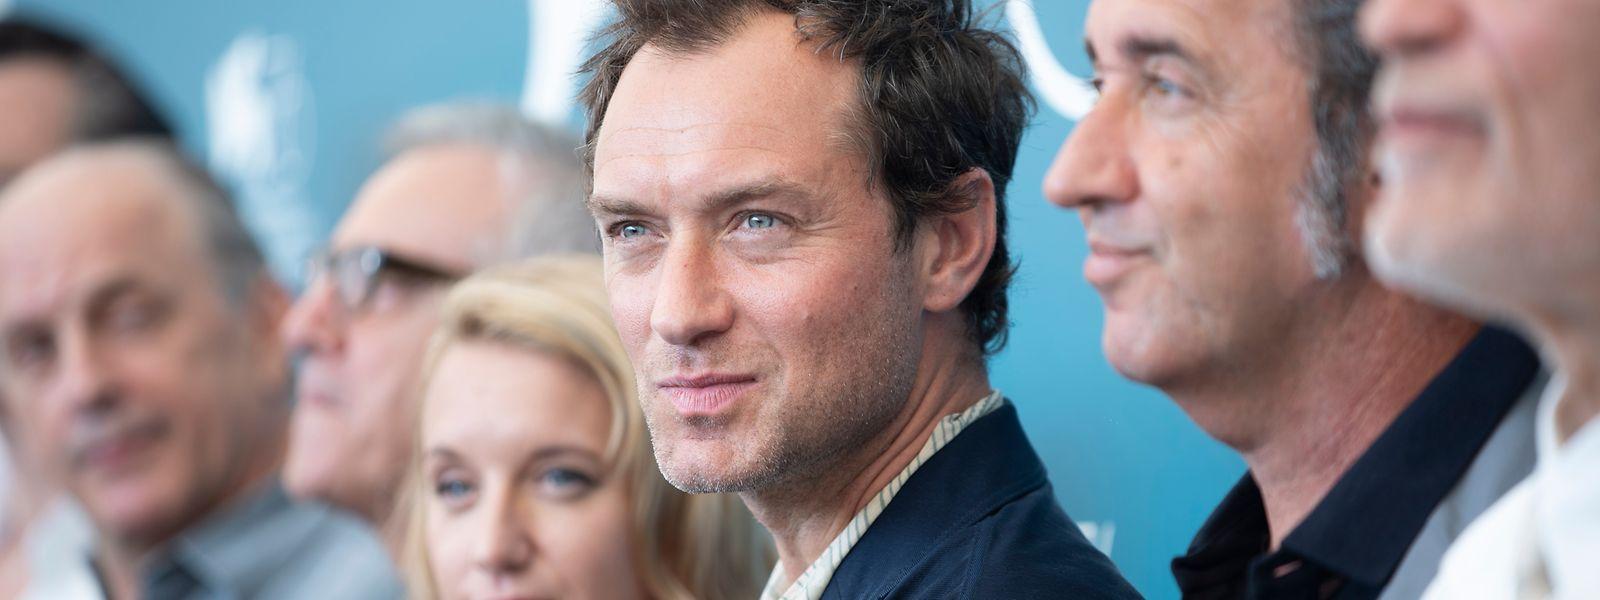 Jude Law (Mitte) lebte bislang nie zölibatär: Er hat fünf Kinder von drei Frauen, wobei er nur mit einer – Sadie Frost – verheiratet war. Seiner zweiten Ehefrau, Phillipa, gab er im Mai 2019 das Jawort.